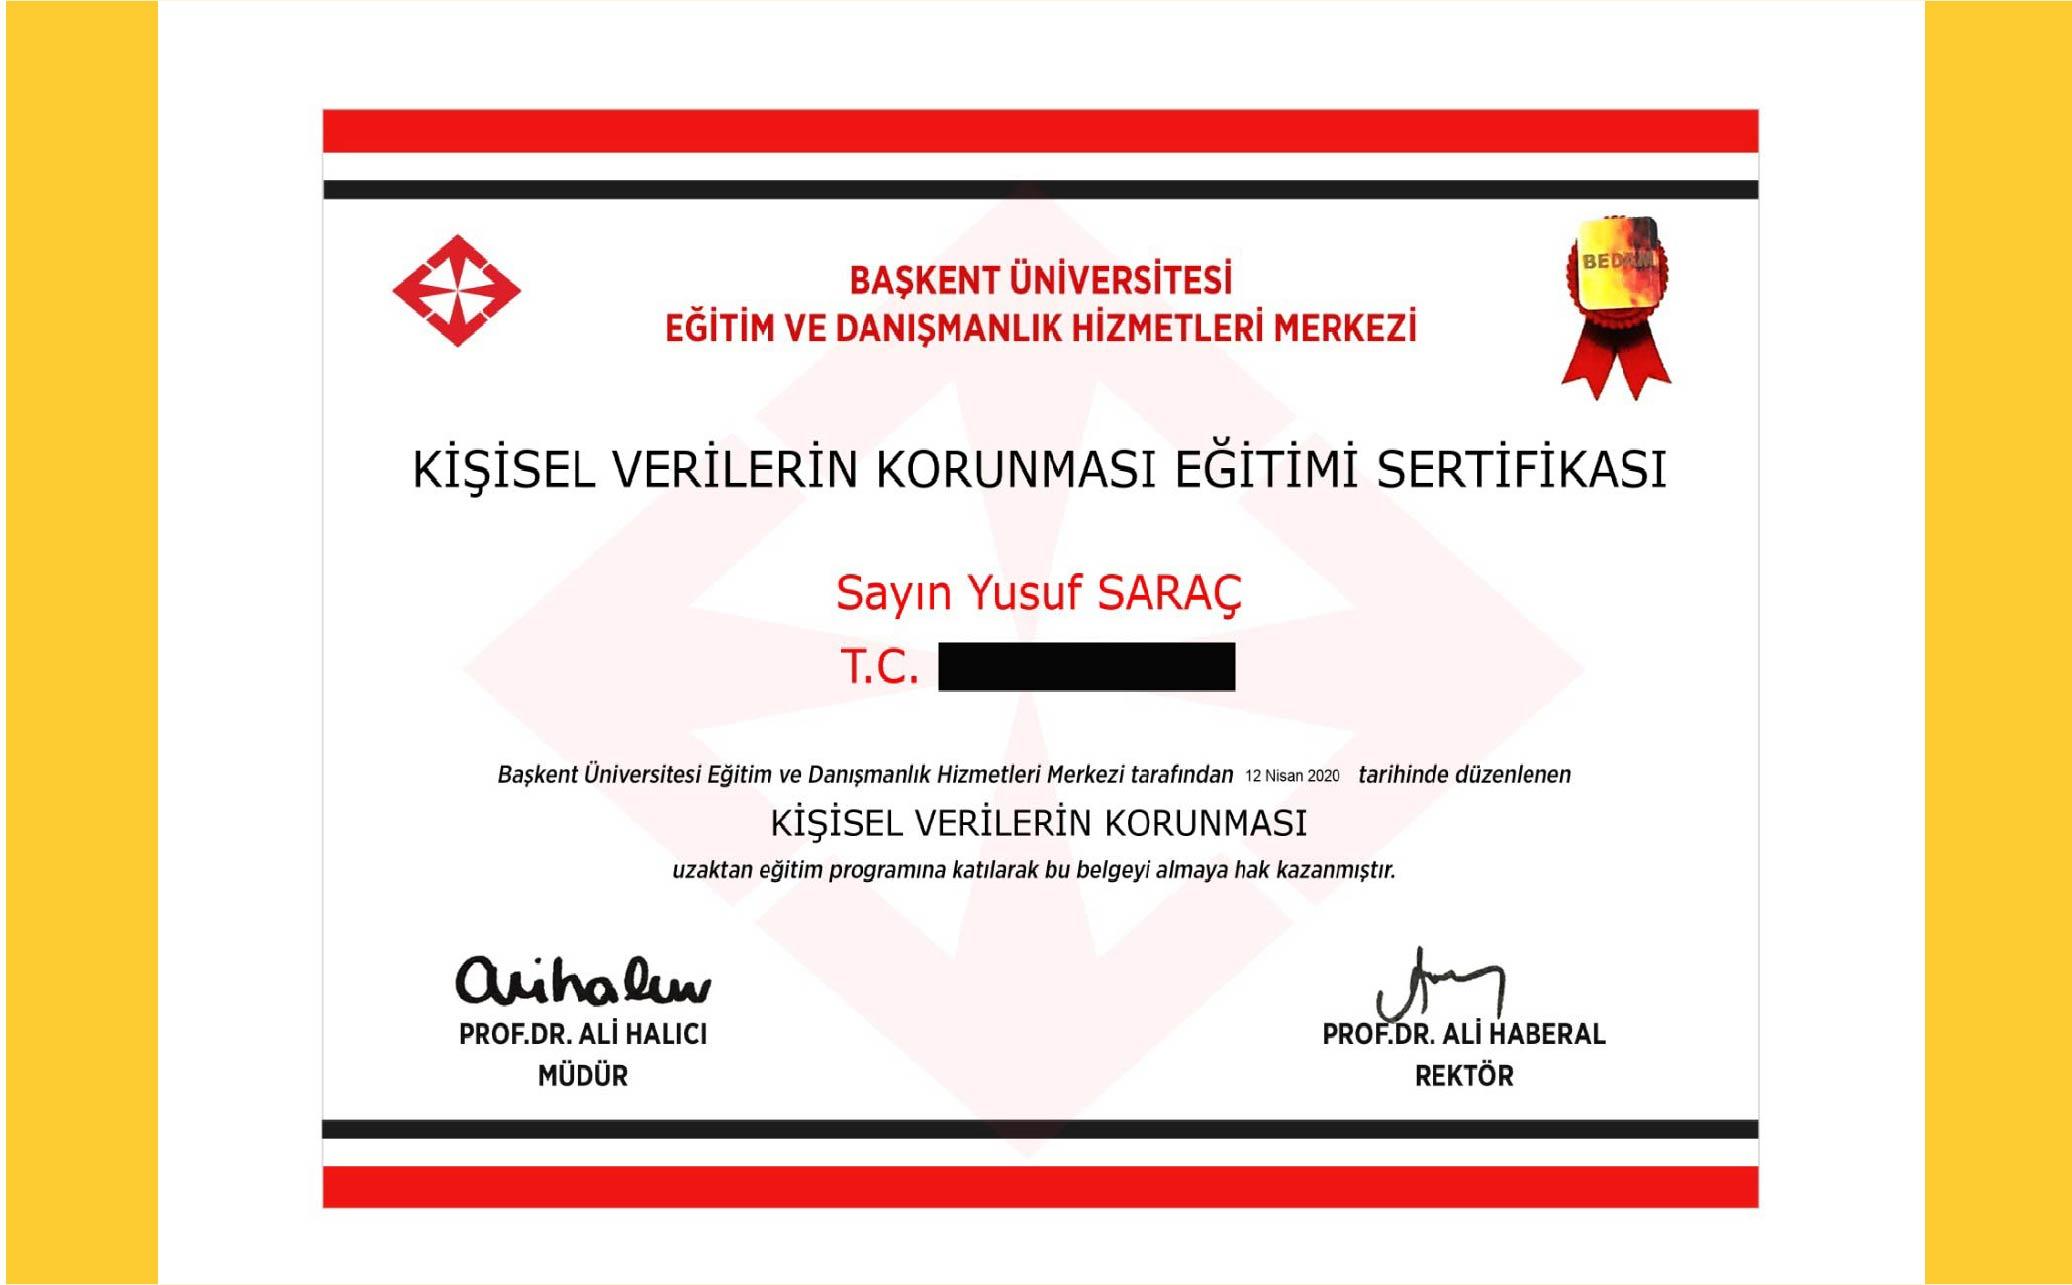 Yusuf Saraç | Başkent Üniverstesi KVKK Eğitimi Sertifikası